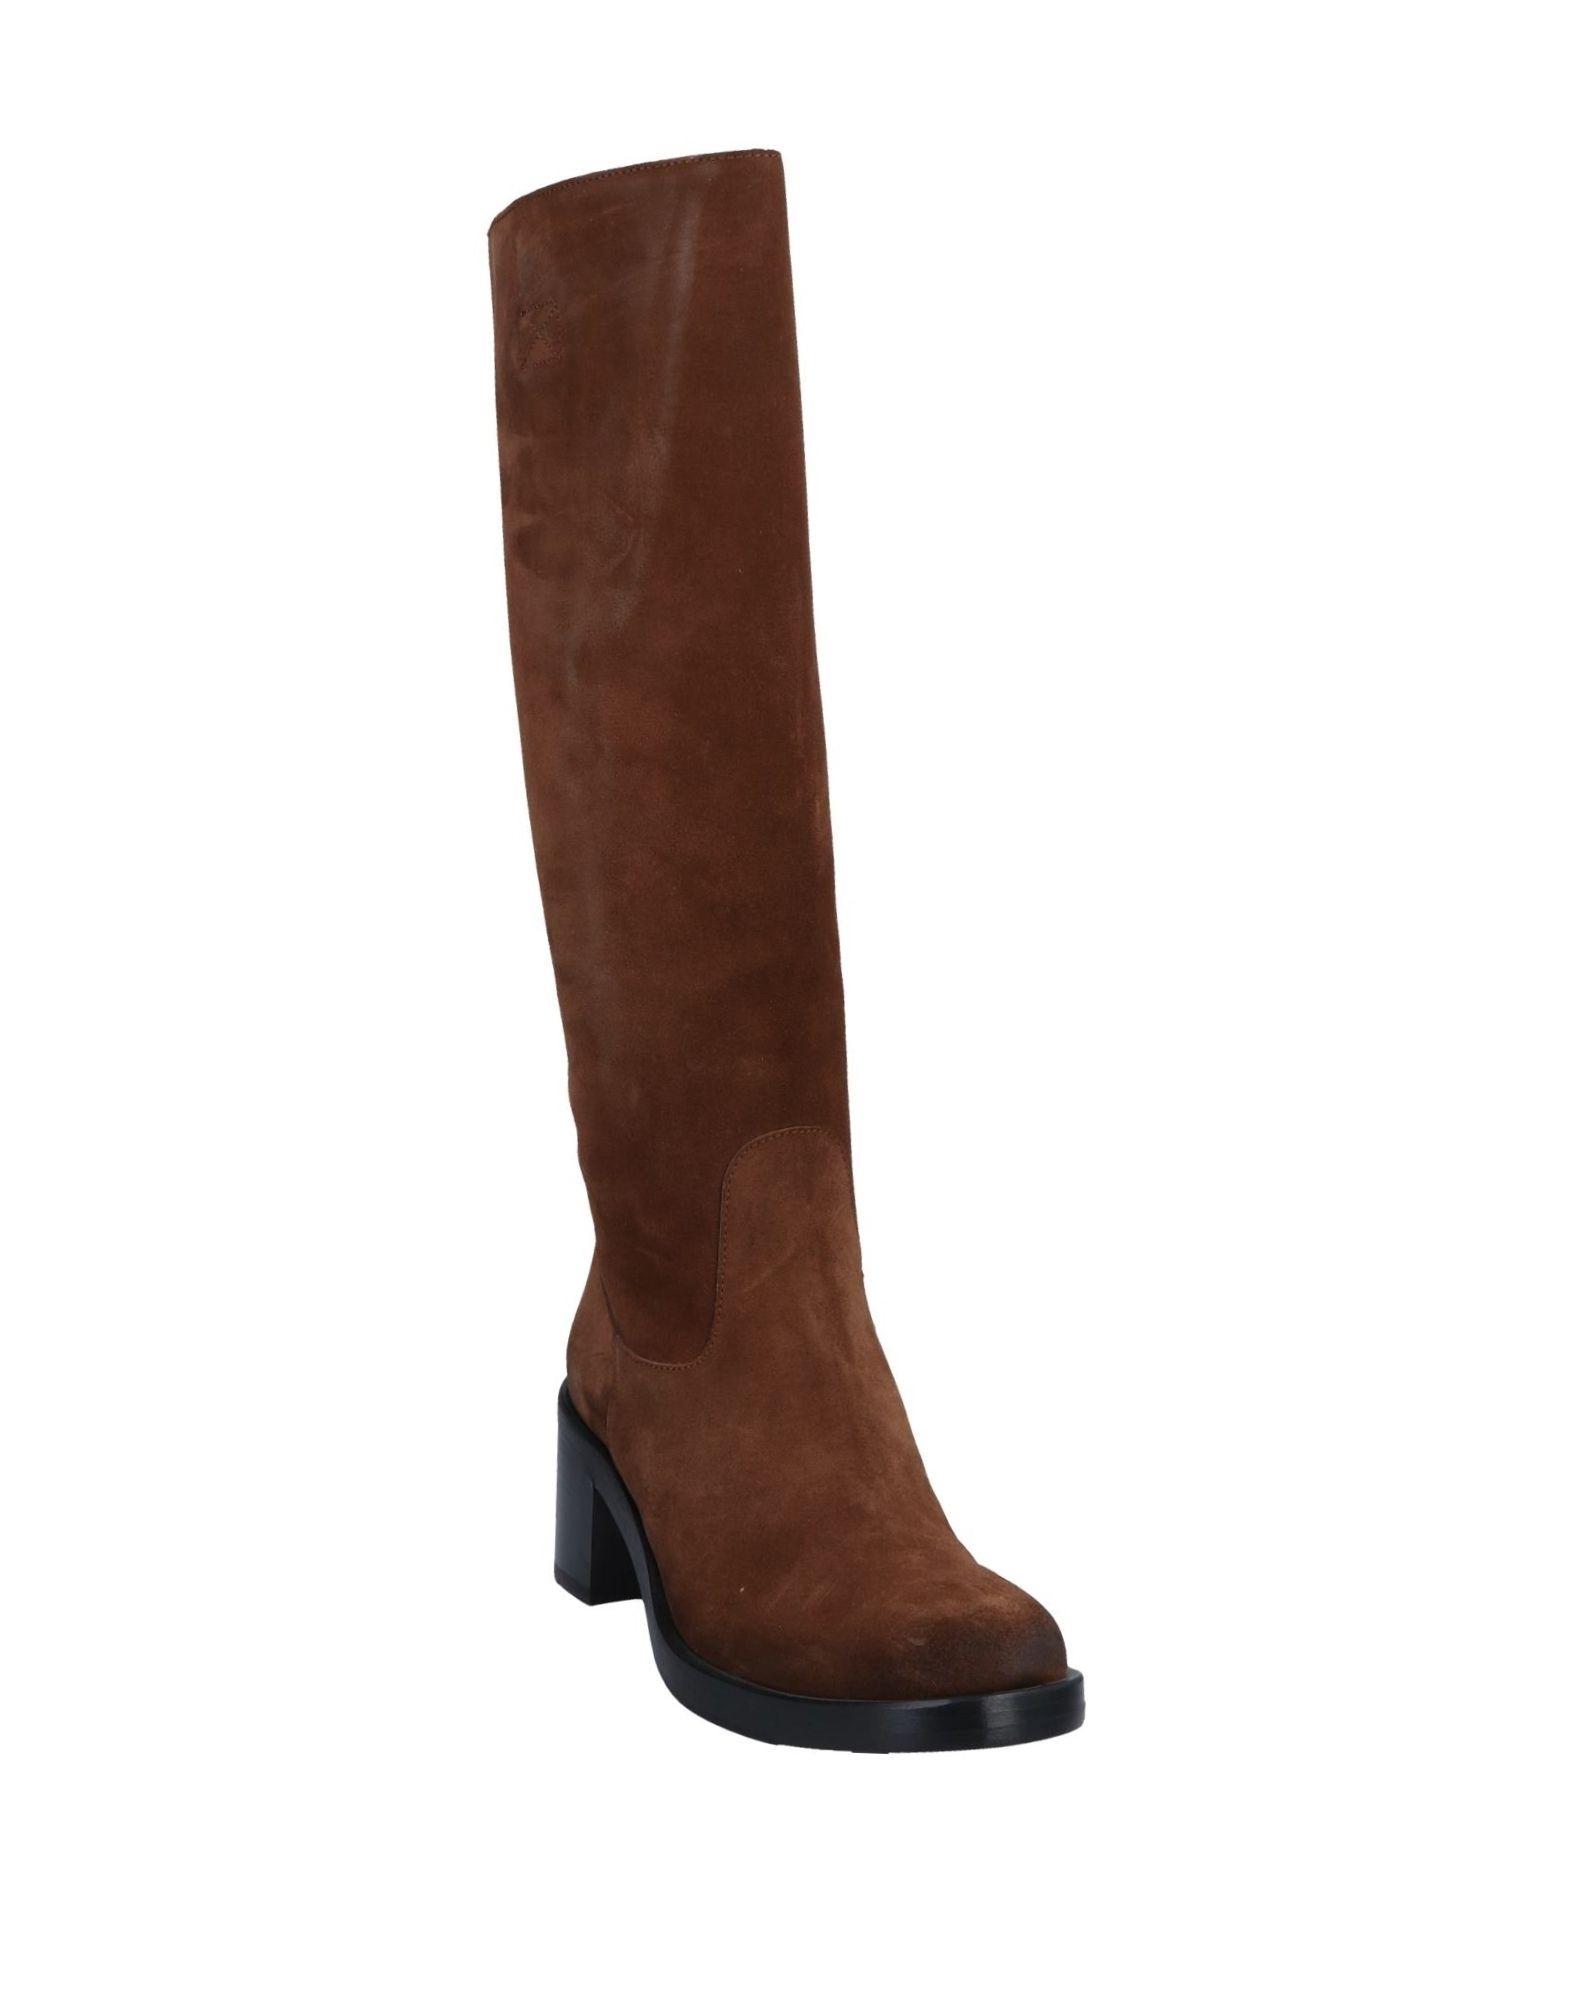 Buttero® Stiefel Damen Gutes Preis-Leistungs-Verhältnis, Preis-Leistungs-Verhältnis, Preis-Leistungs-Verhältnis, es lohnt sich efa81a